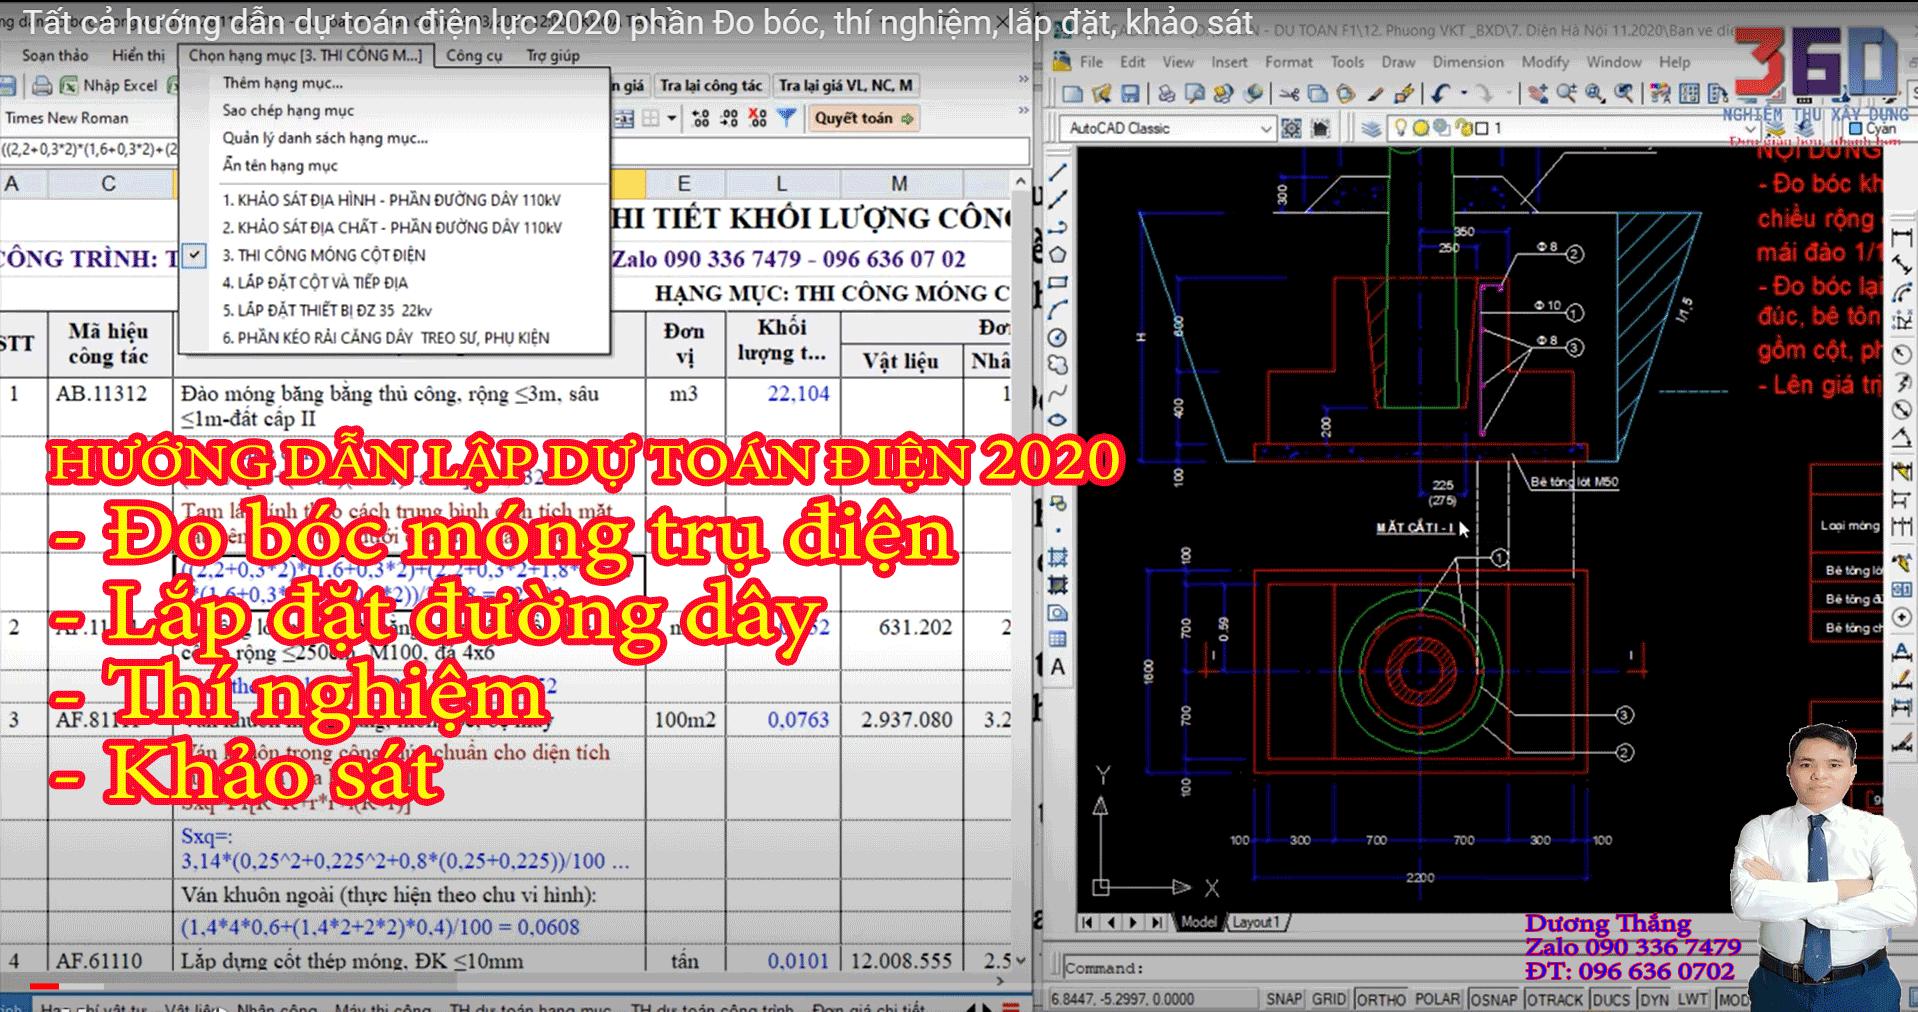 Tất cả hướng dẫn lập dự toán điện lực 2020 phần đo bóc, thí nghiệm, lắp đặt, khảo sát